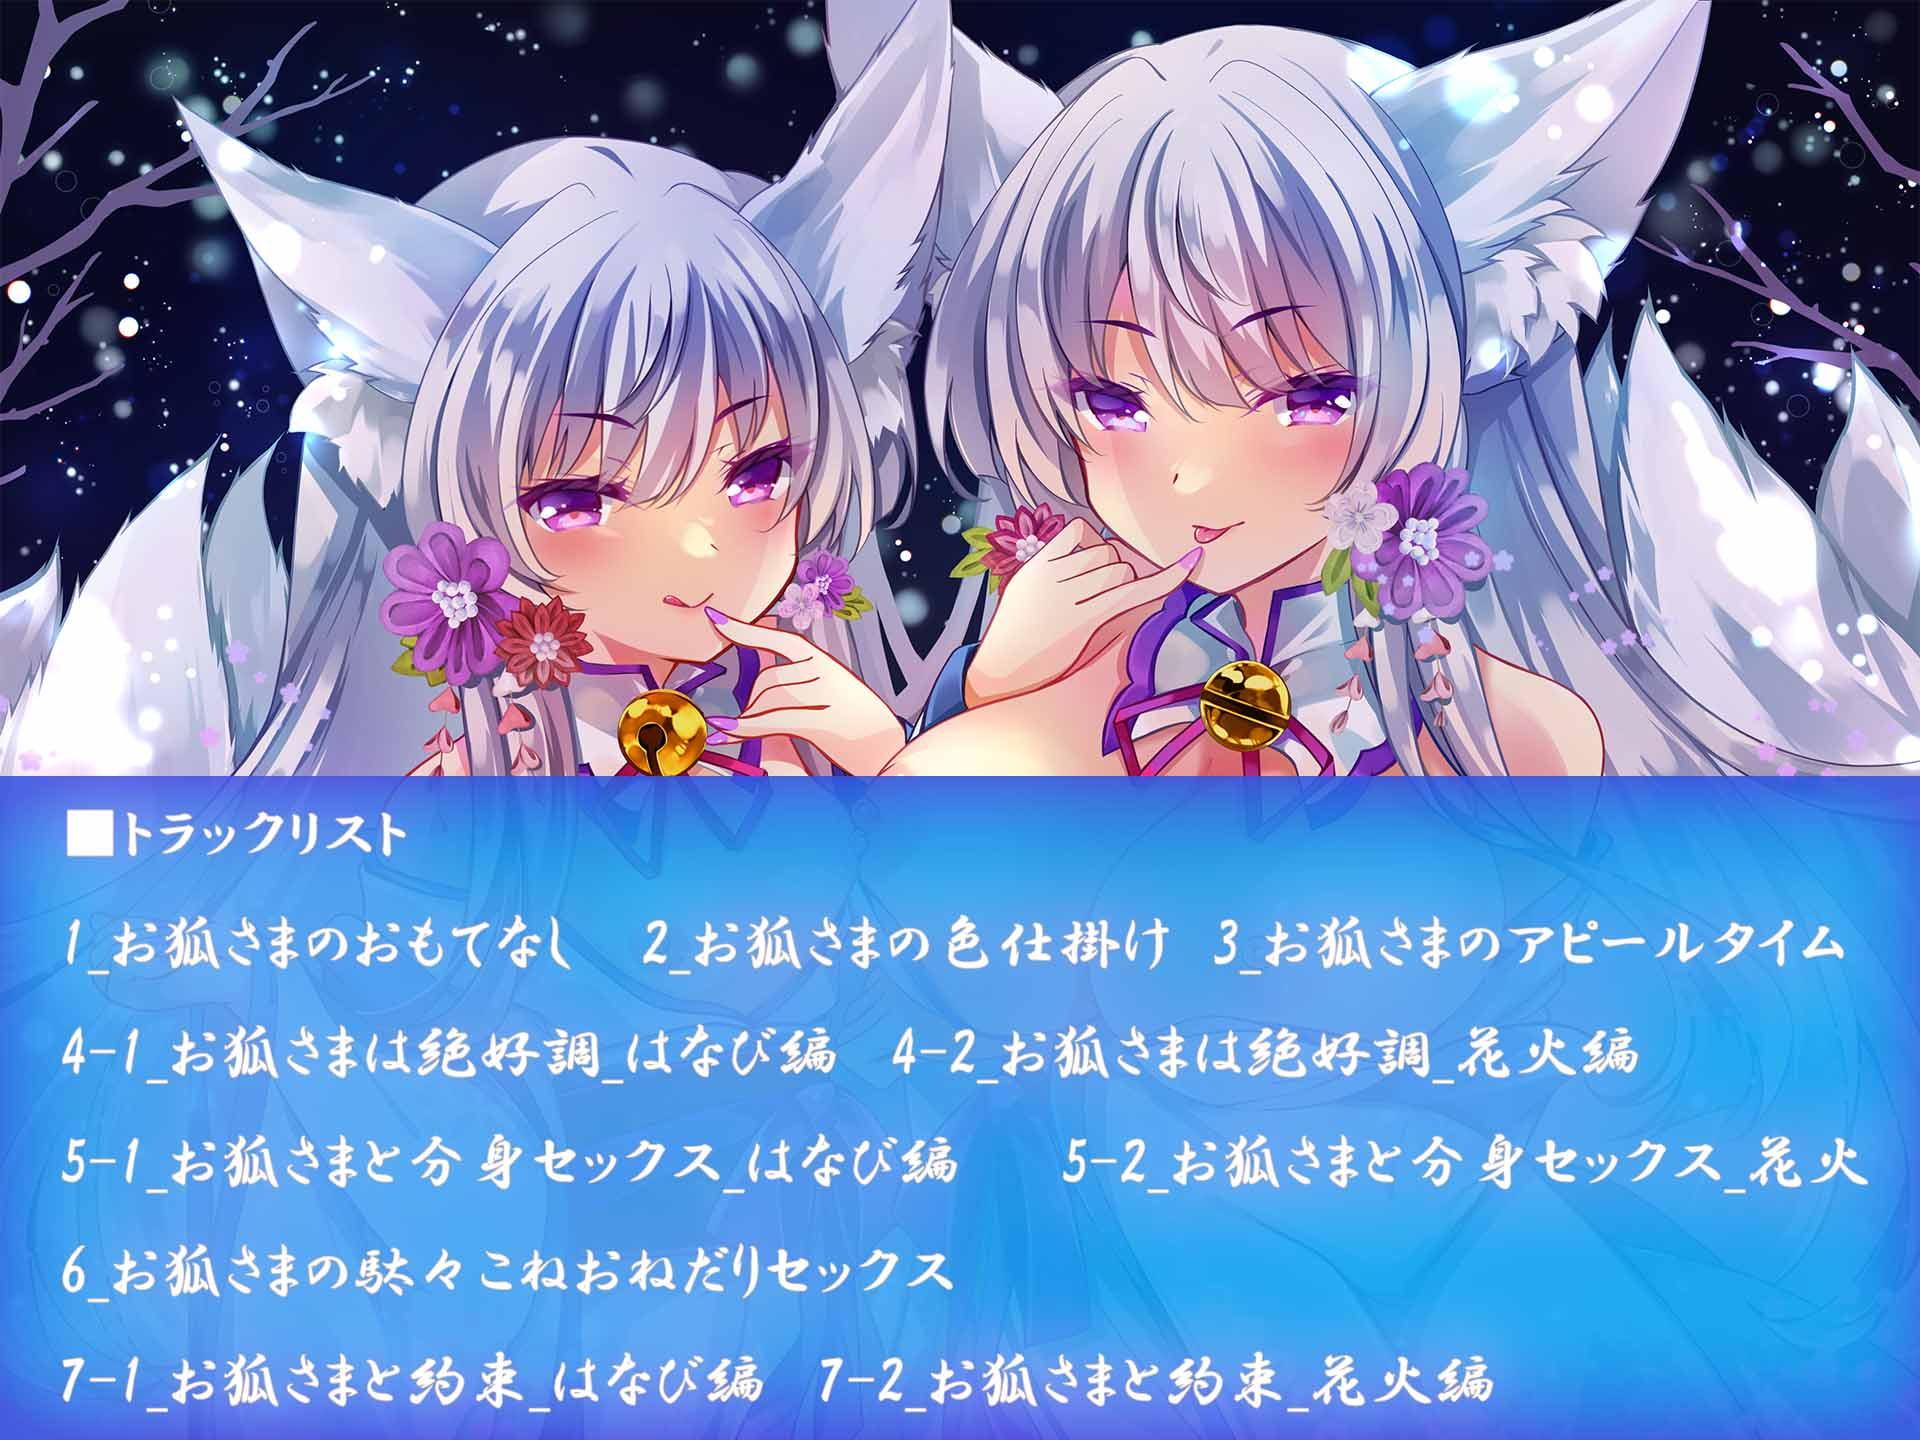 RJ345253 寂しがりやなお狐さまのおもてなし甘々えっち [20211012]